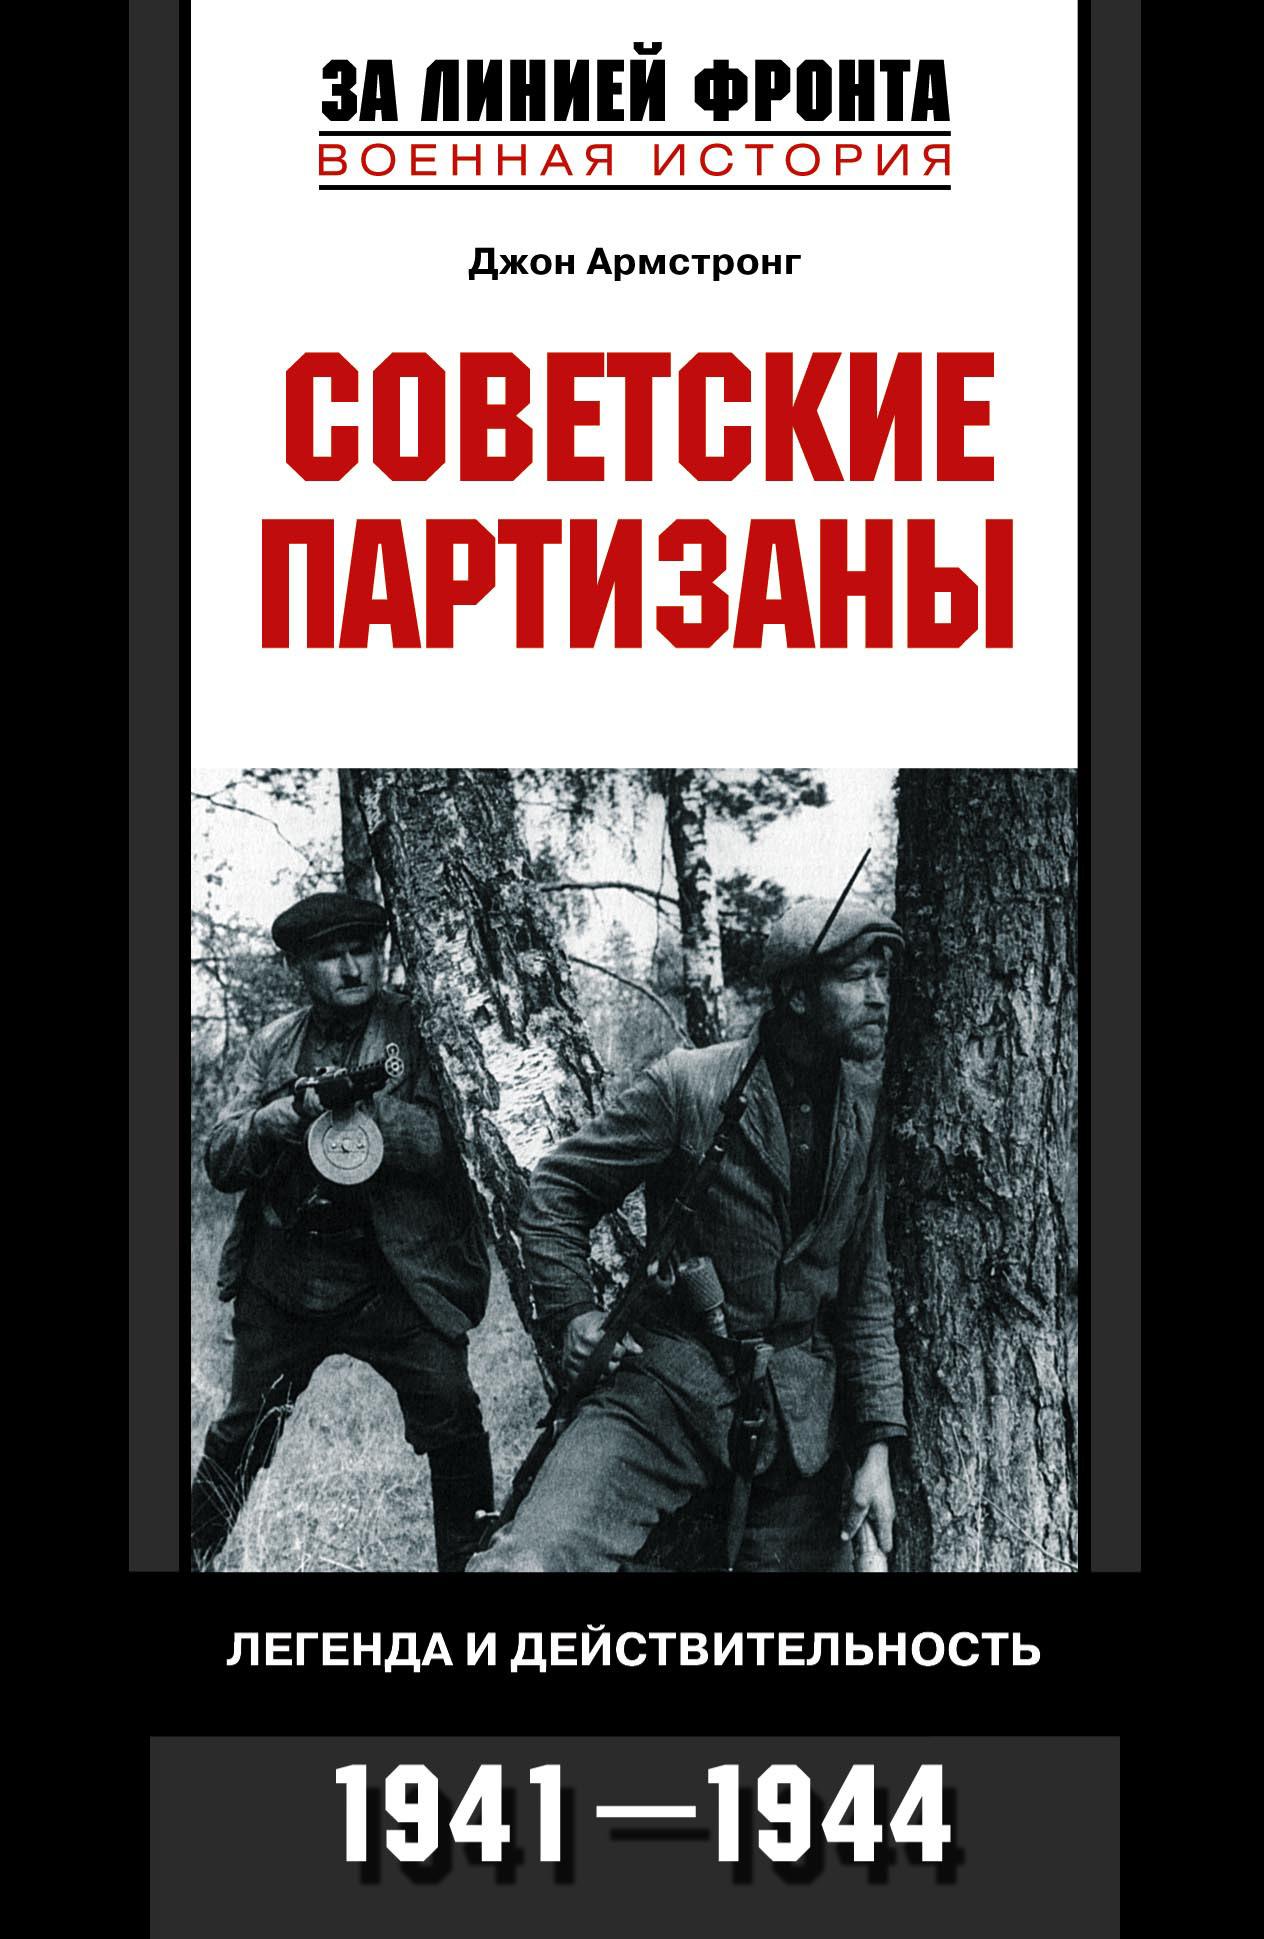 Джон Армстронг Советские партизаны. Легенда и действительность. 1941-1944